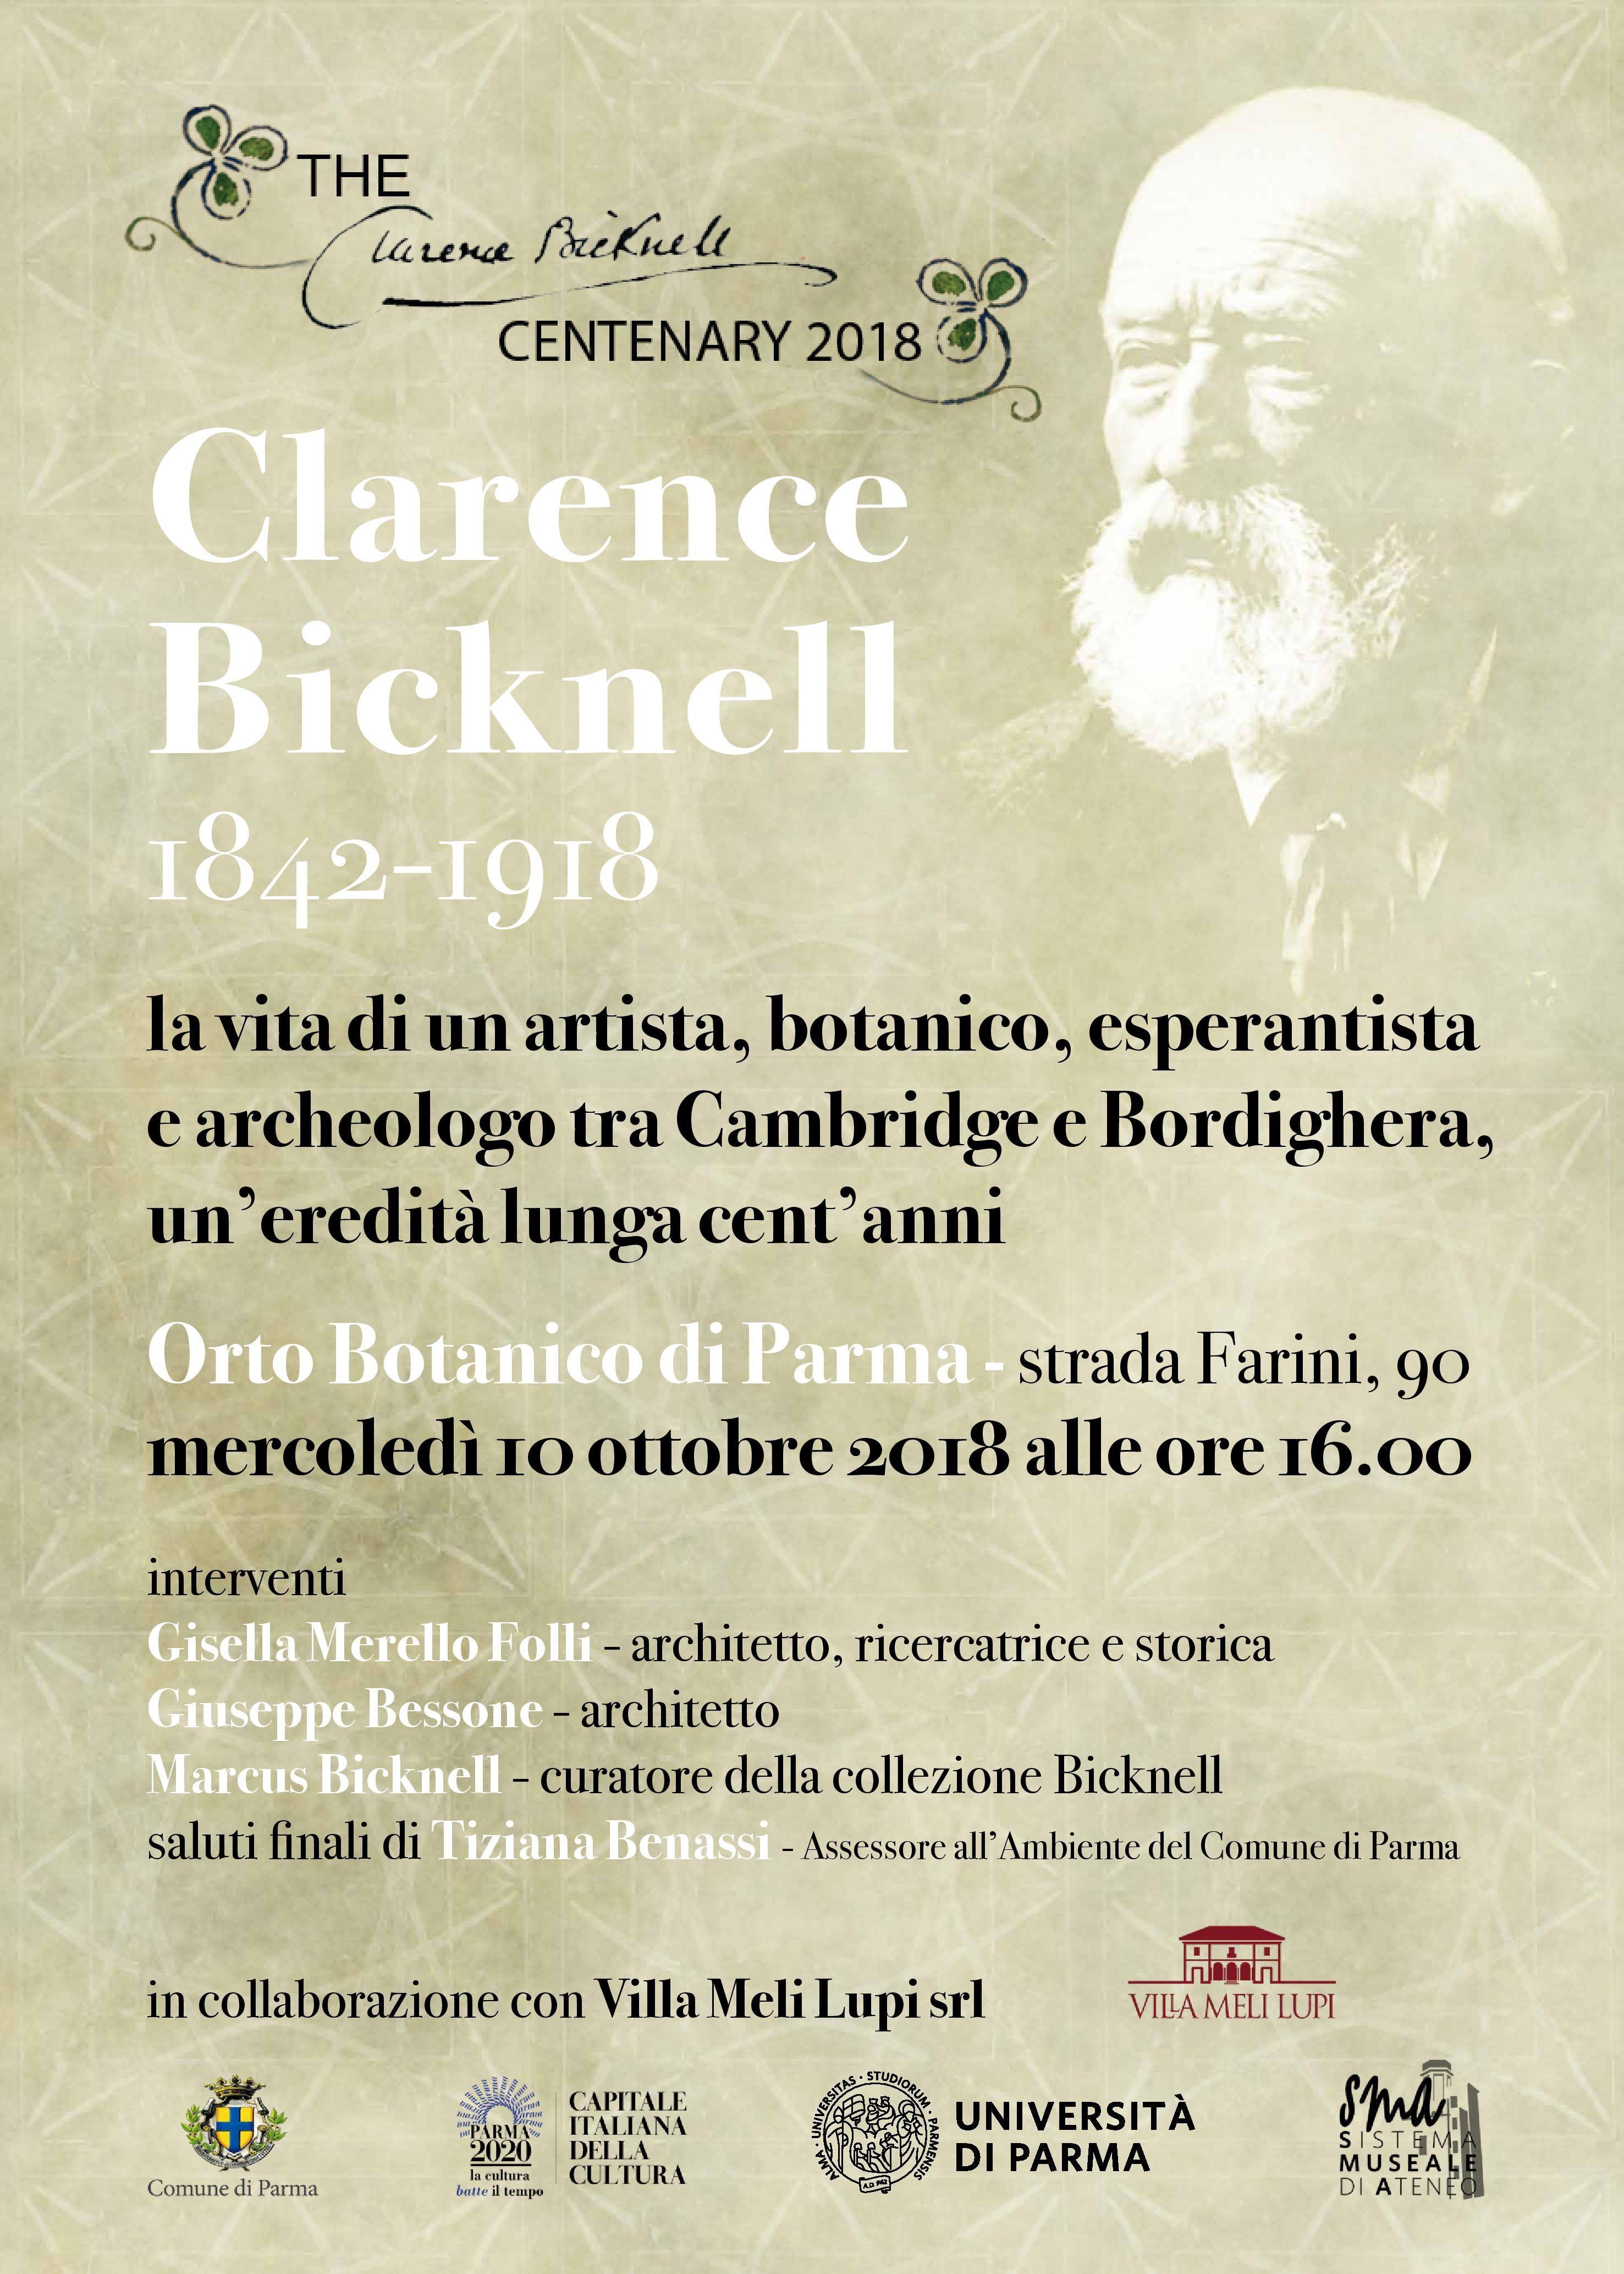 ALL'ORTO BOTANICO SEMINARIO SULL'ARTISTA E BOTANICO CLARENCEBICKNELL